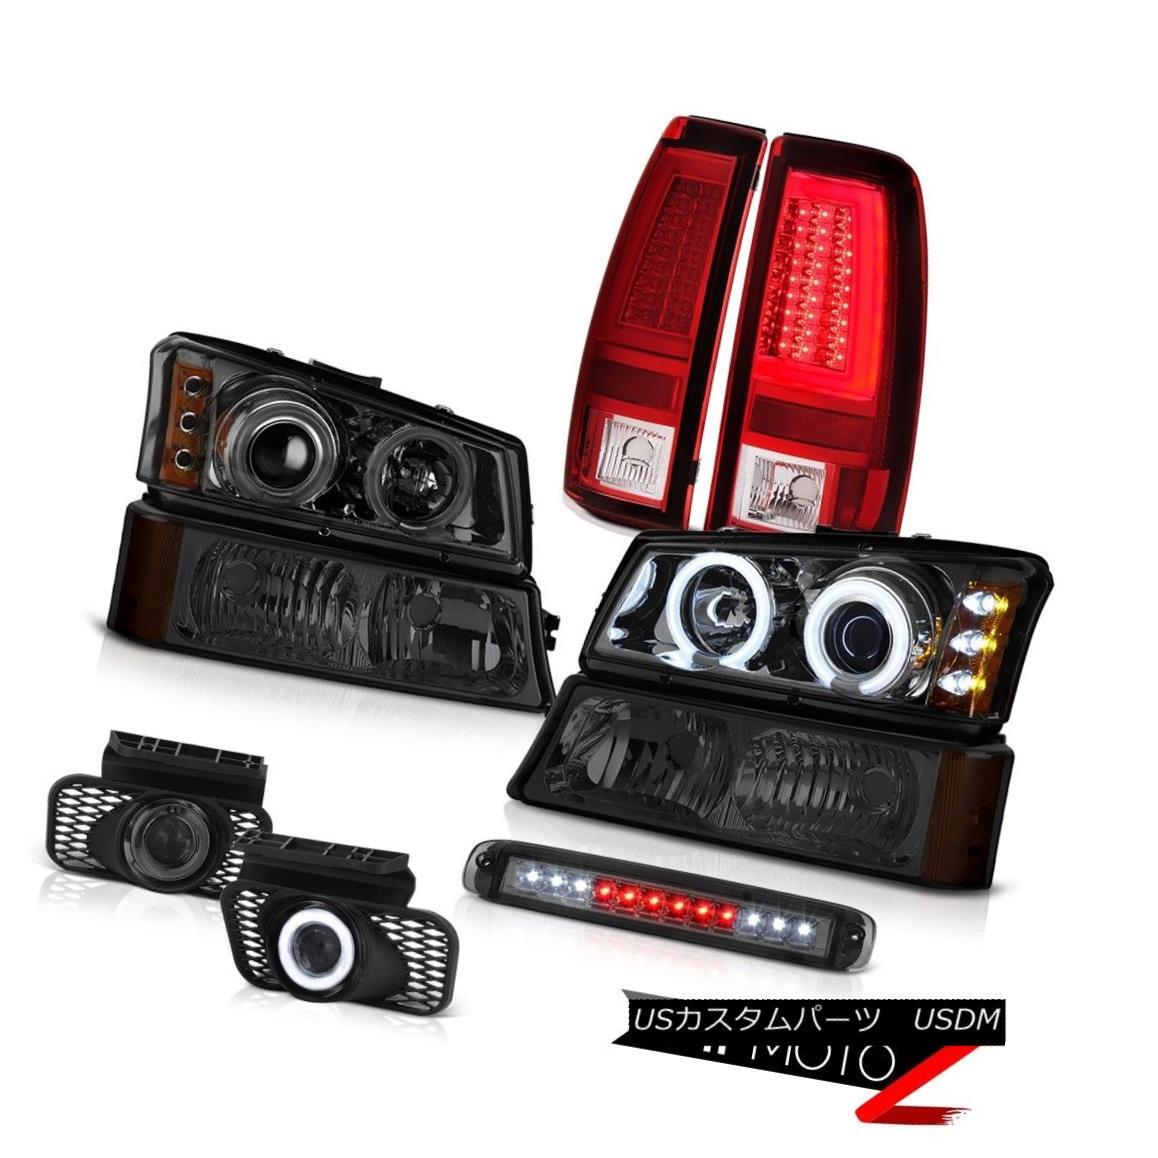 ヘッドライト 03-06 Silverado Taillights Roof Cab Lamp Parking Foglamps Headlights